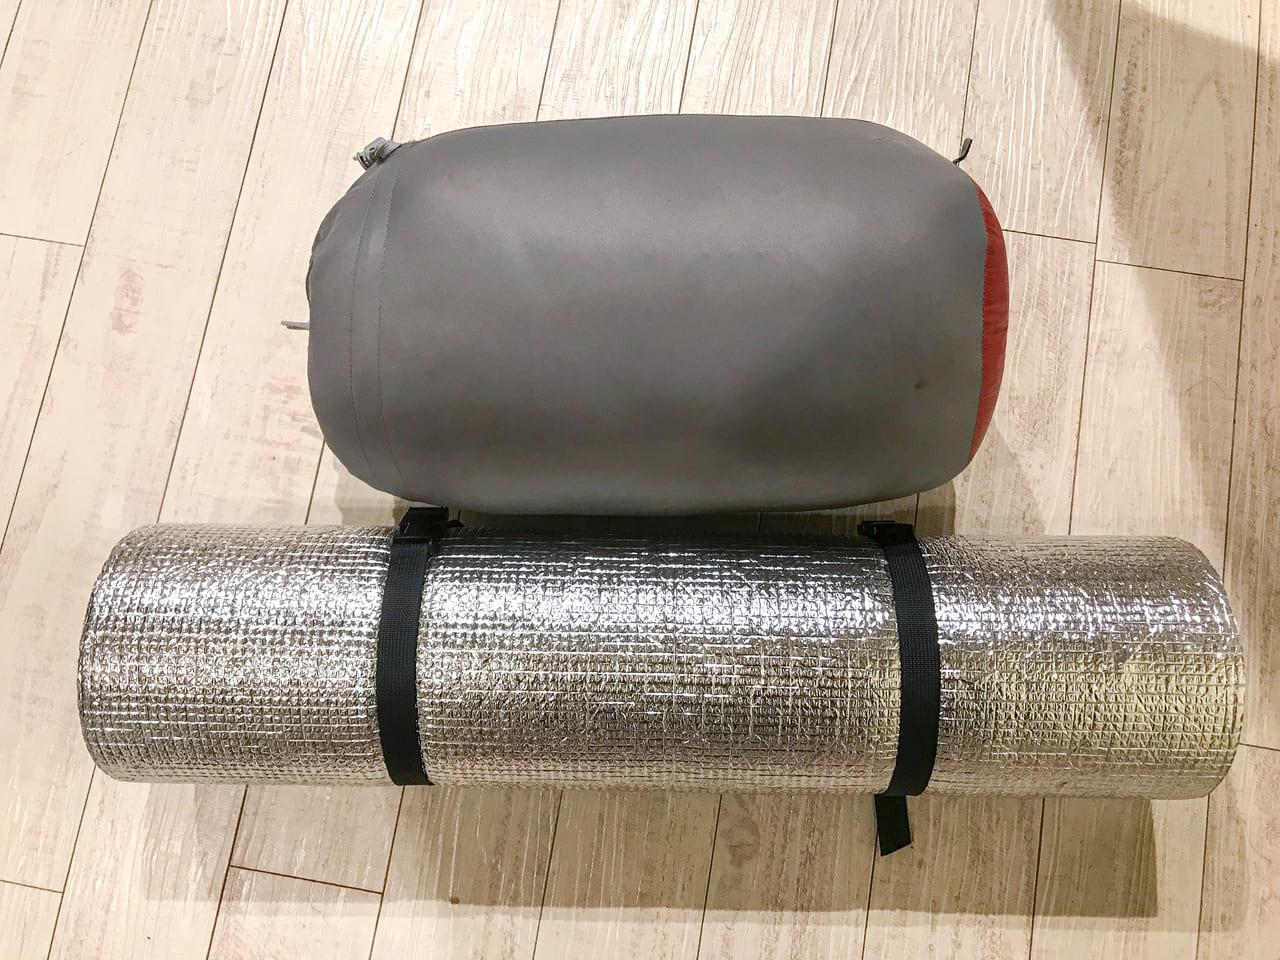 /ハンモックの防寒対策に使用しているマットと寝袋